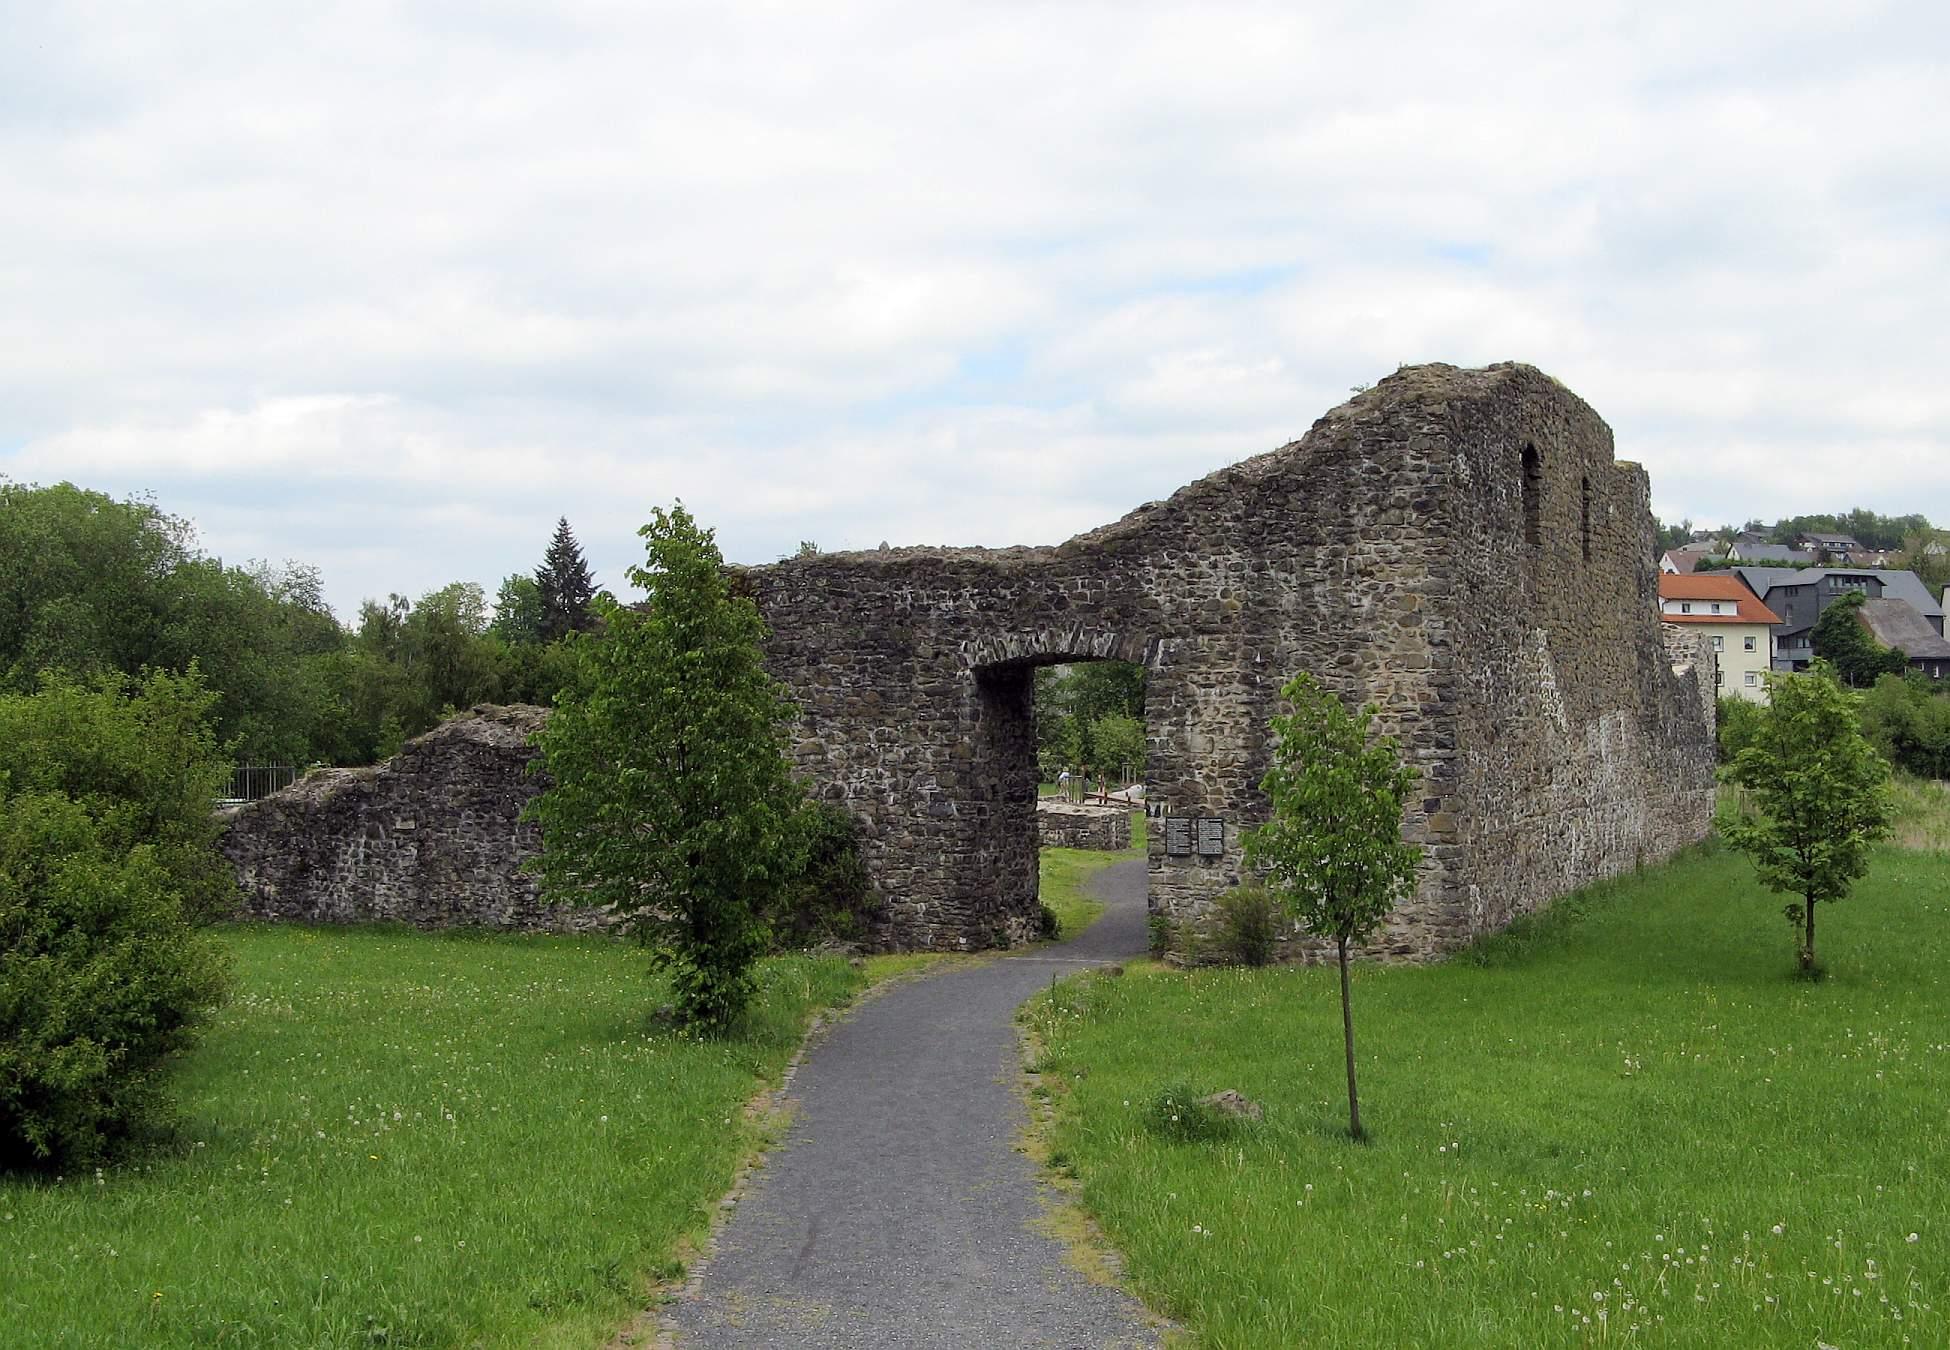 junkernschloss auch unterburg driedorf driedorf 1200 1300 t ...